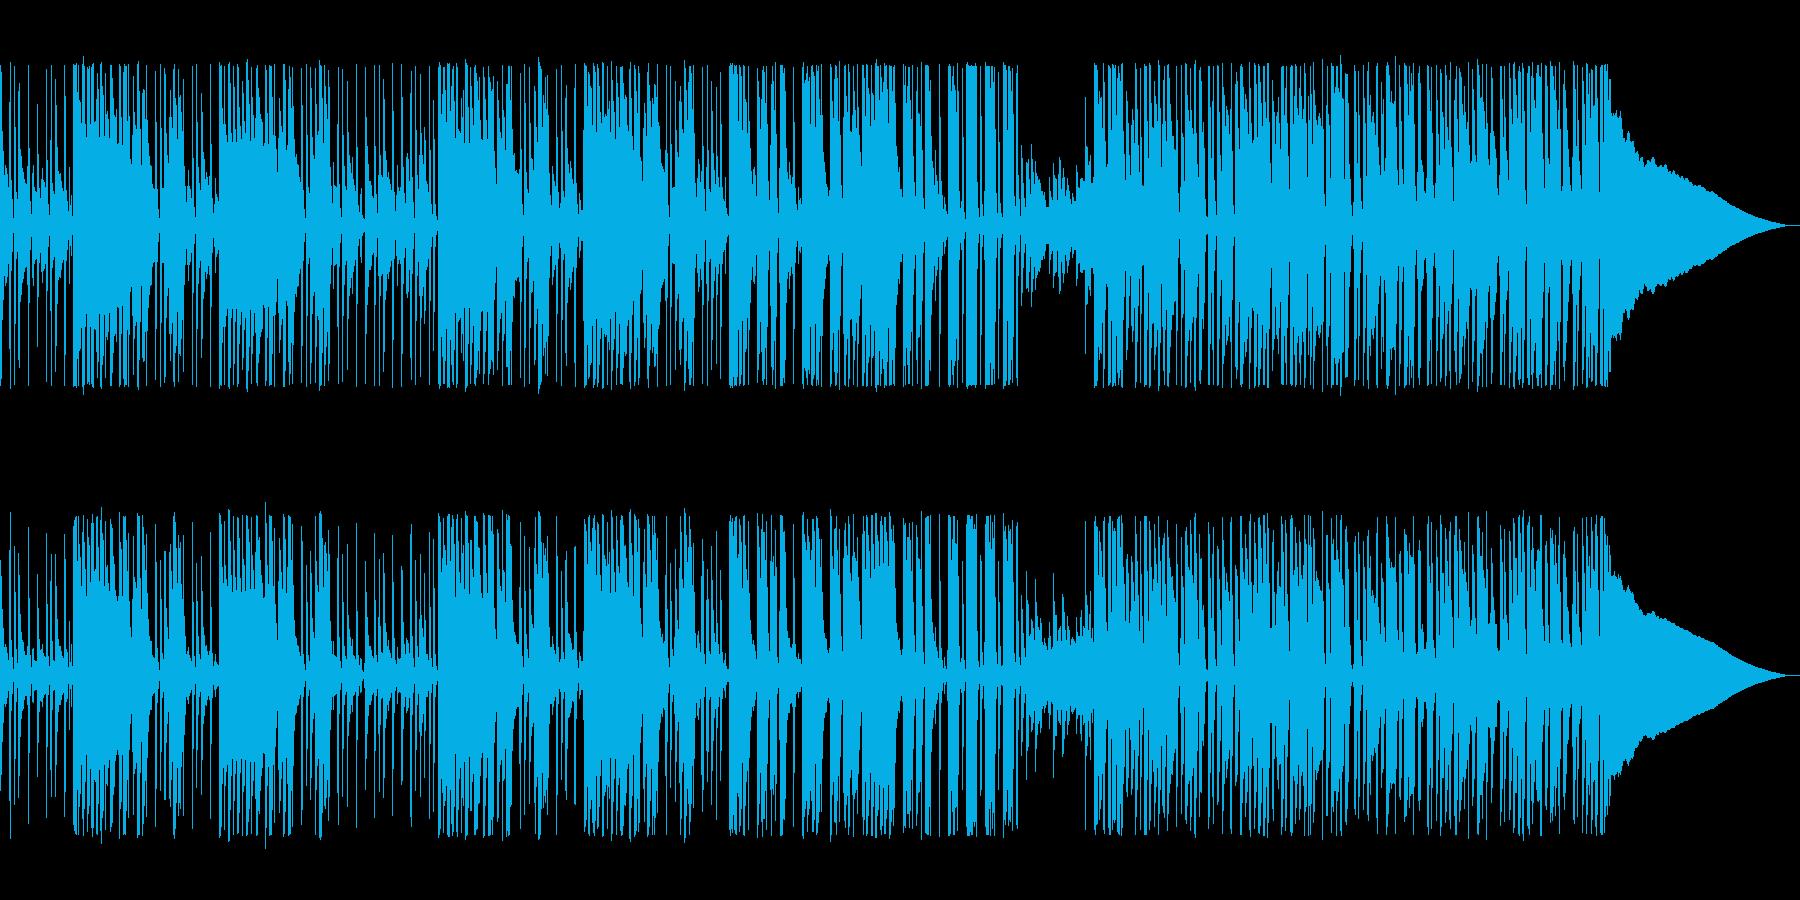 ギターに合わせた口笛が軽快なポップスの再生済みの波形